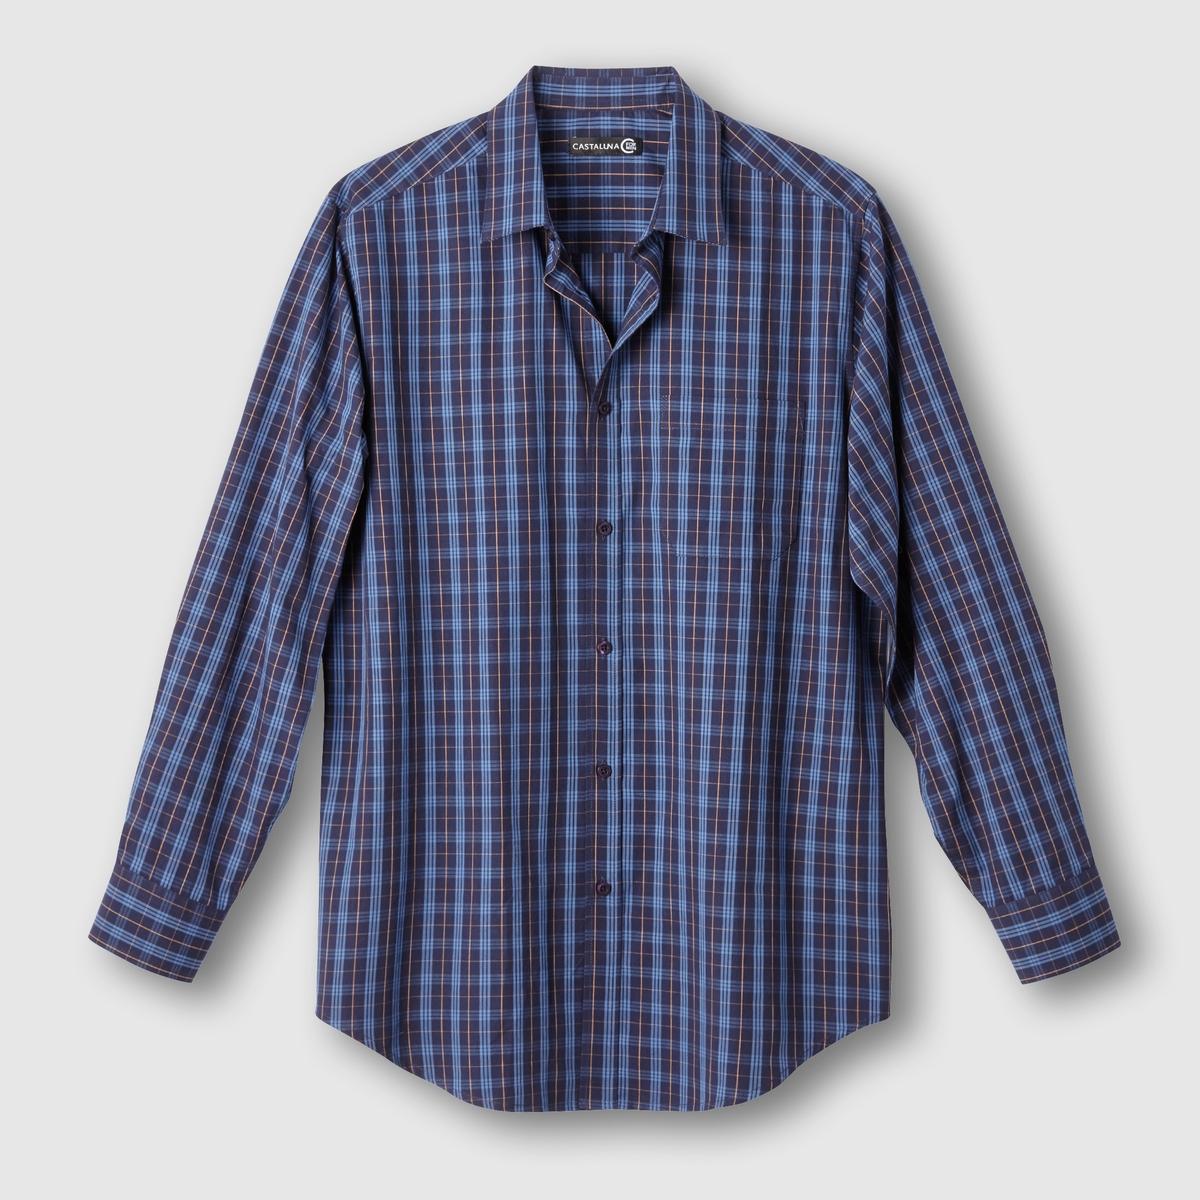 Рубашка в клеткуРубашка в клетку. Длинные рукава. Воротник со свободными уголками. 1 нагрудный карман. 2 складки на спине. Закругленный низ. Рисунок в клетку крашеной нитью,  100% хлопка. Длина: 85 см.<br><br>Цвет: в клетку темно-синий<br>Размер: 45/46.47/48.51/52